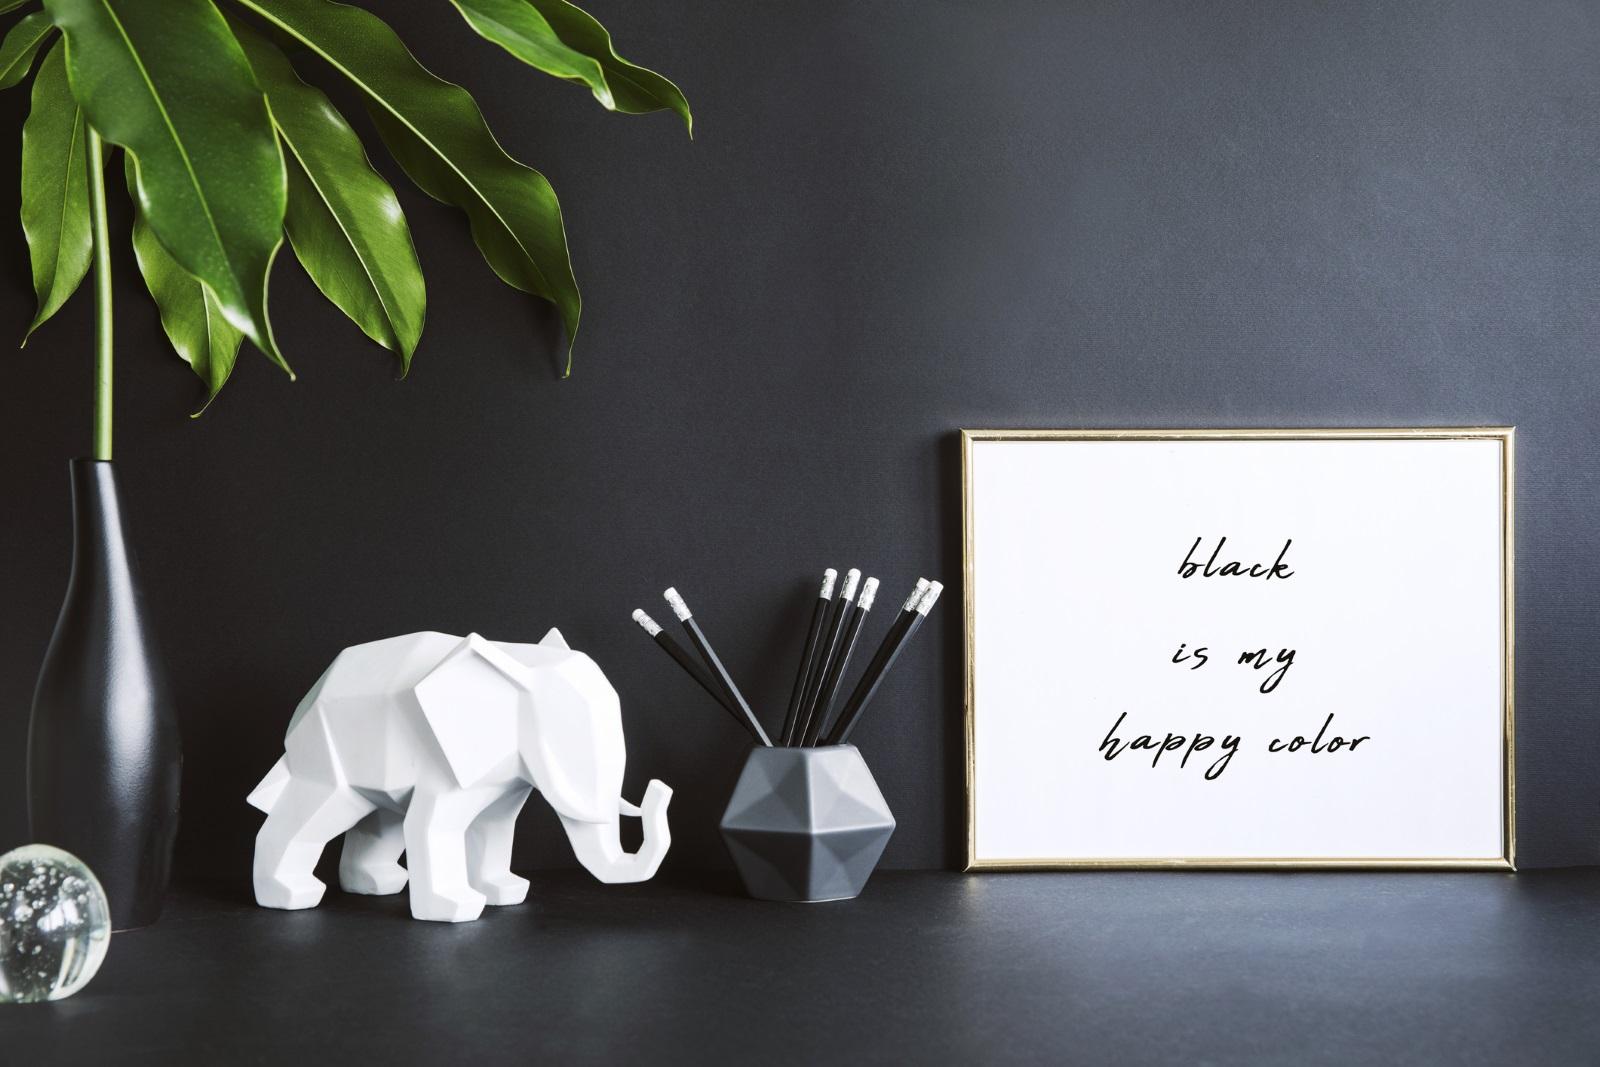 Добър талисман, който можете да поставите на видно място в жилището си, е фигурката на слонче. Смята се, че то пази обичта на близки и роднини, като гарантира за тяхната вярност.